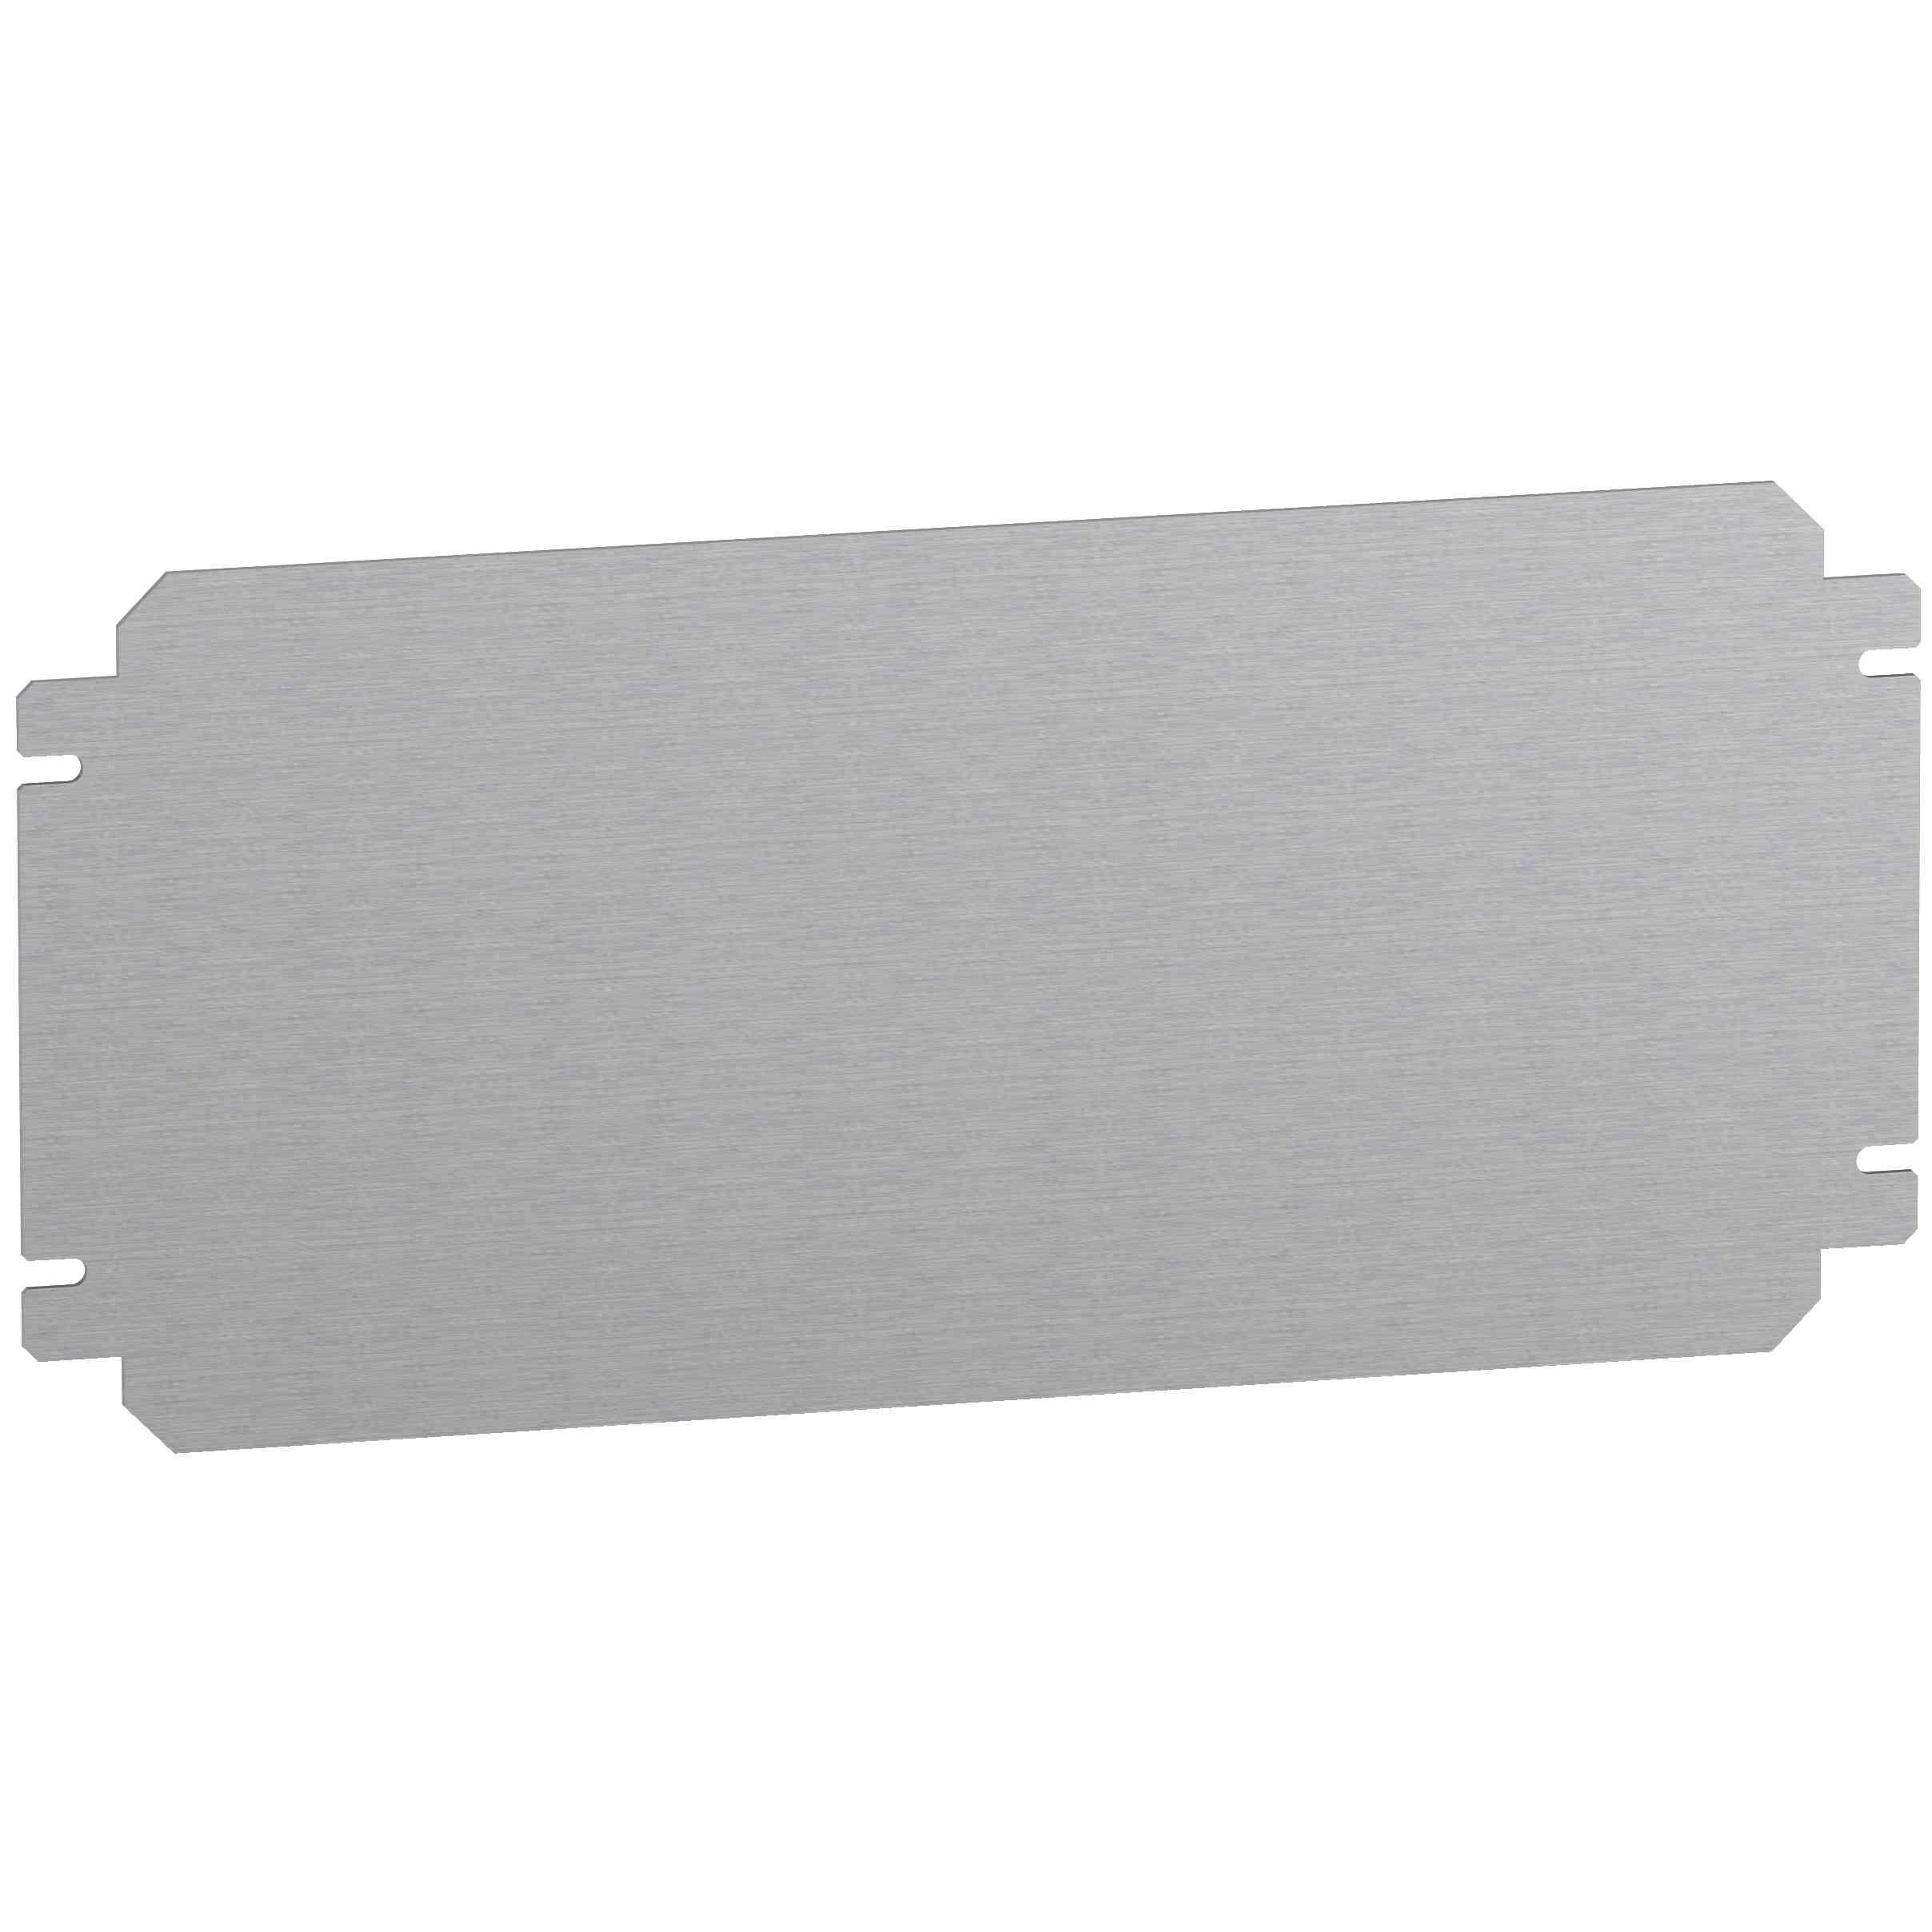 Navadna montažna plošča V 200 x Š 500 mm iz galvanizirane jeklene pločevine